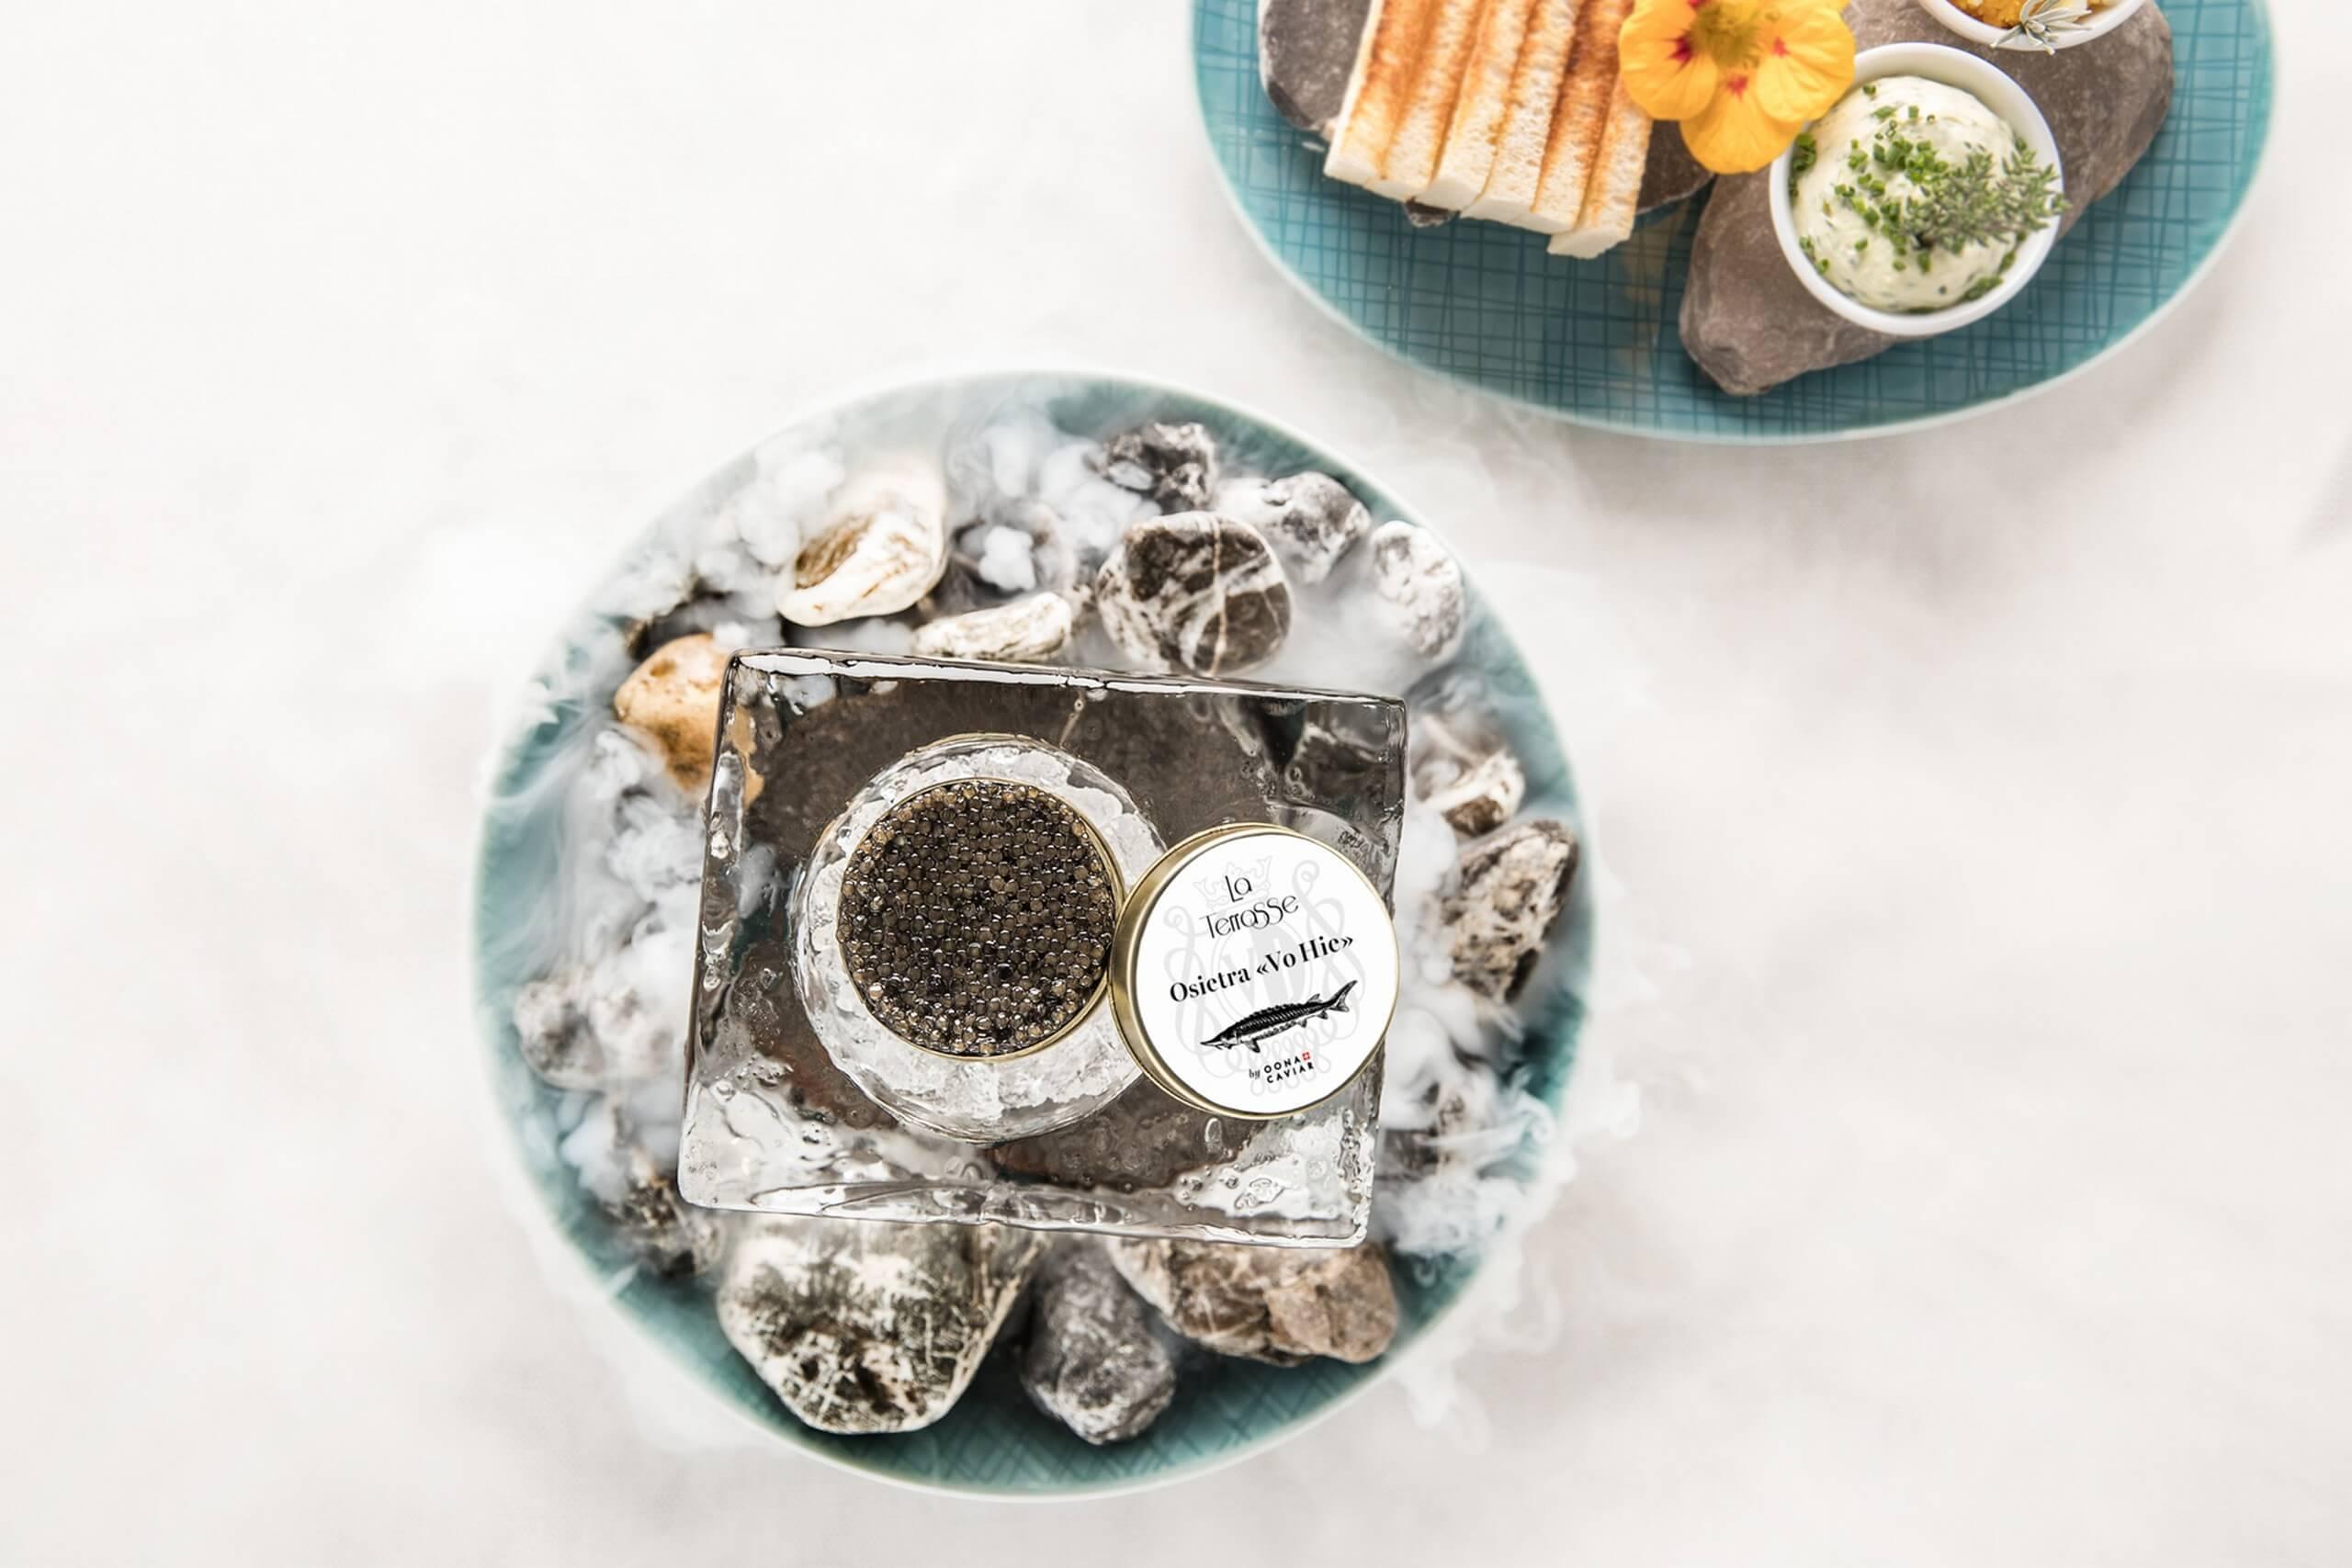 la-terrasse-menu-kaviar